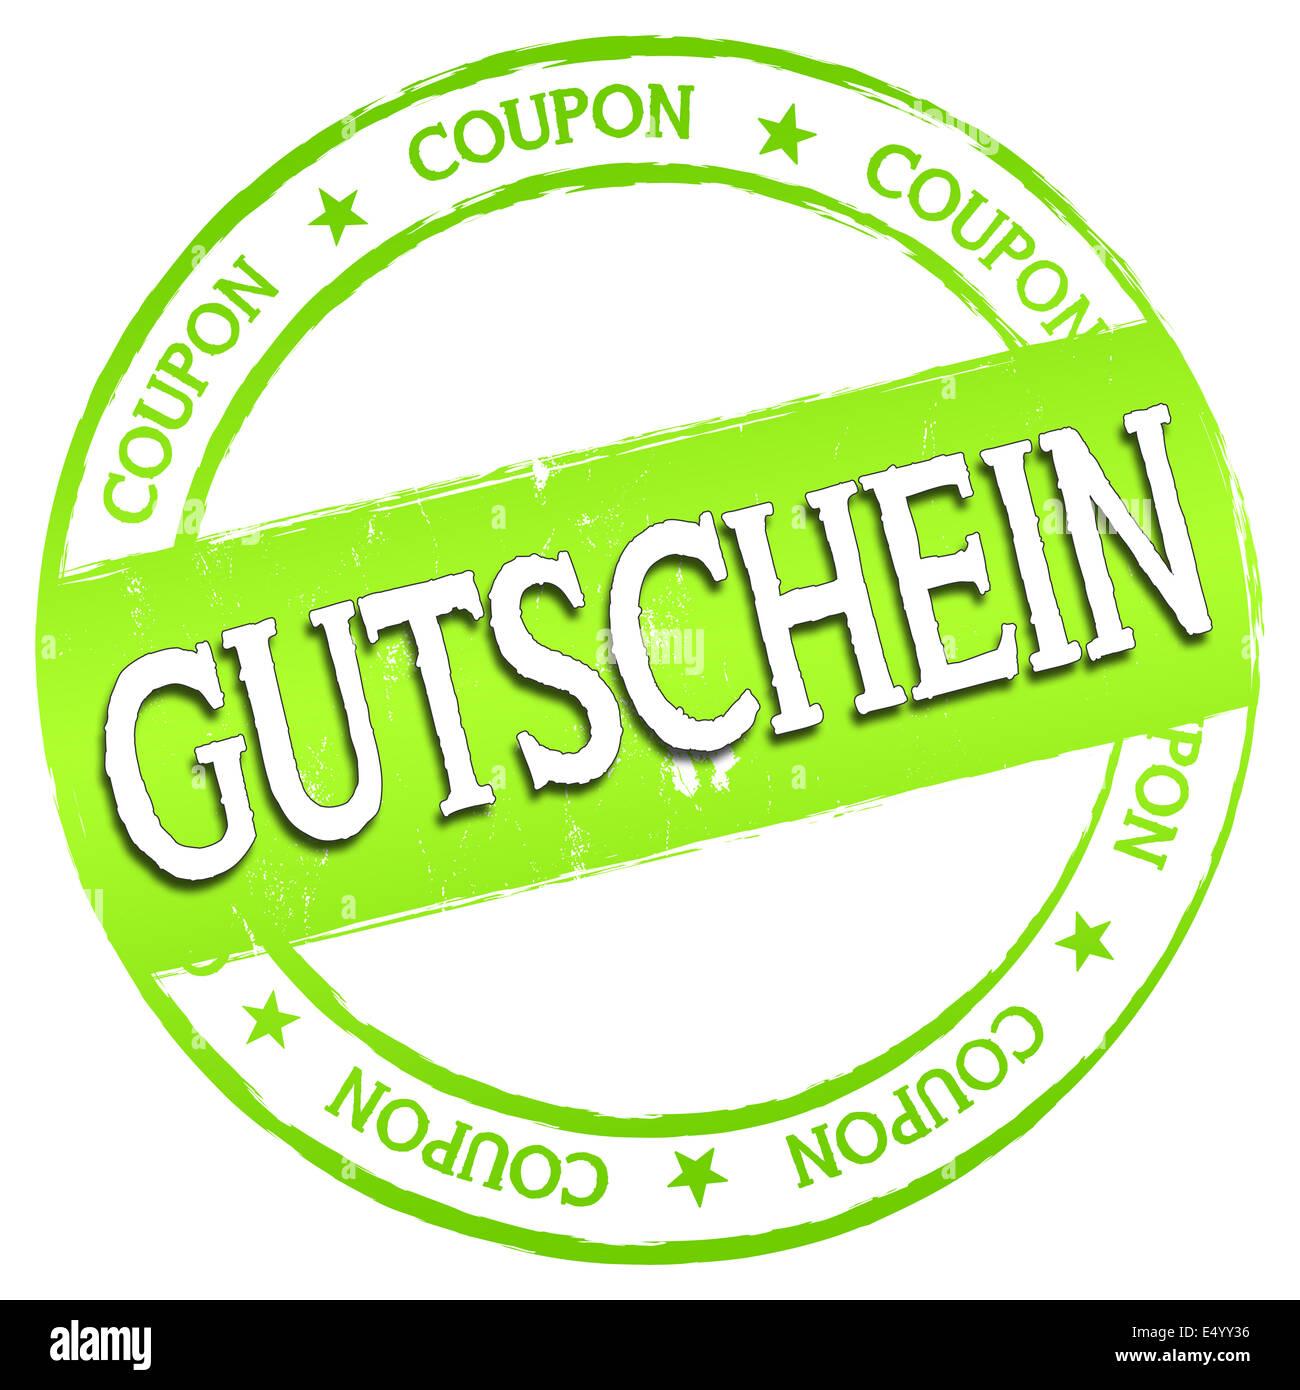 New Stamp - Gutschein - Stock Image